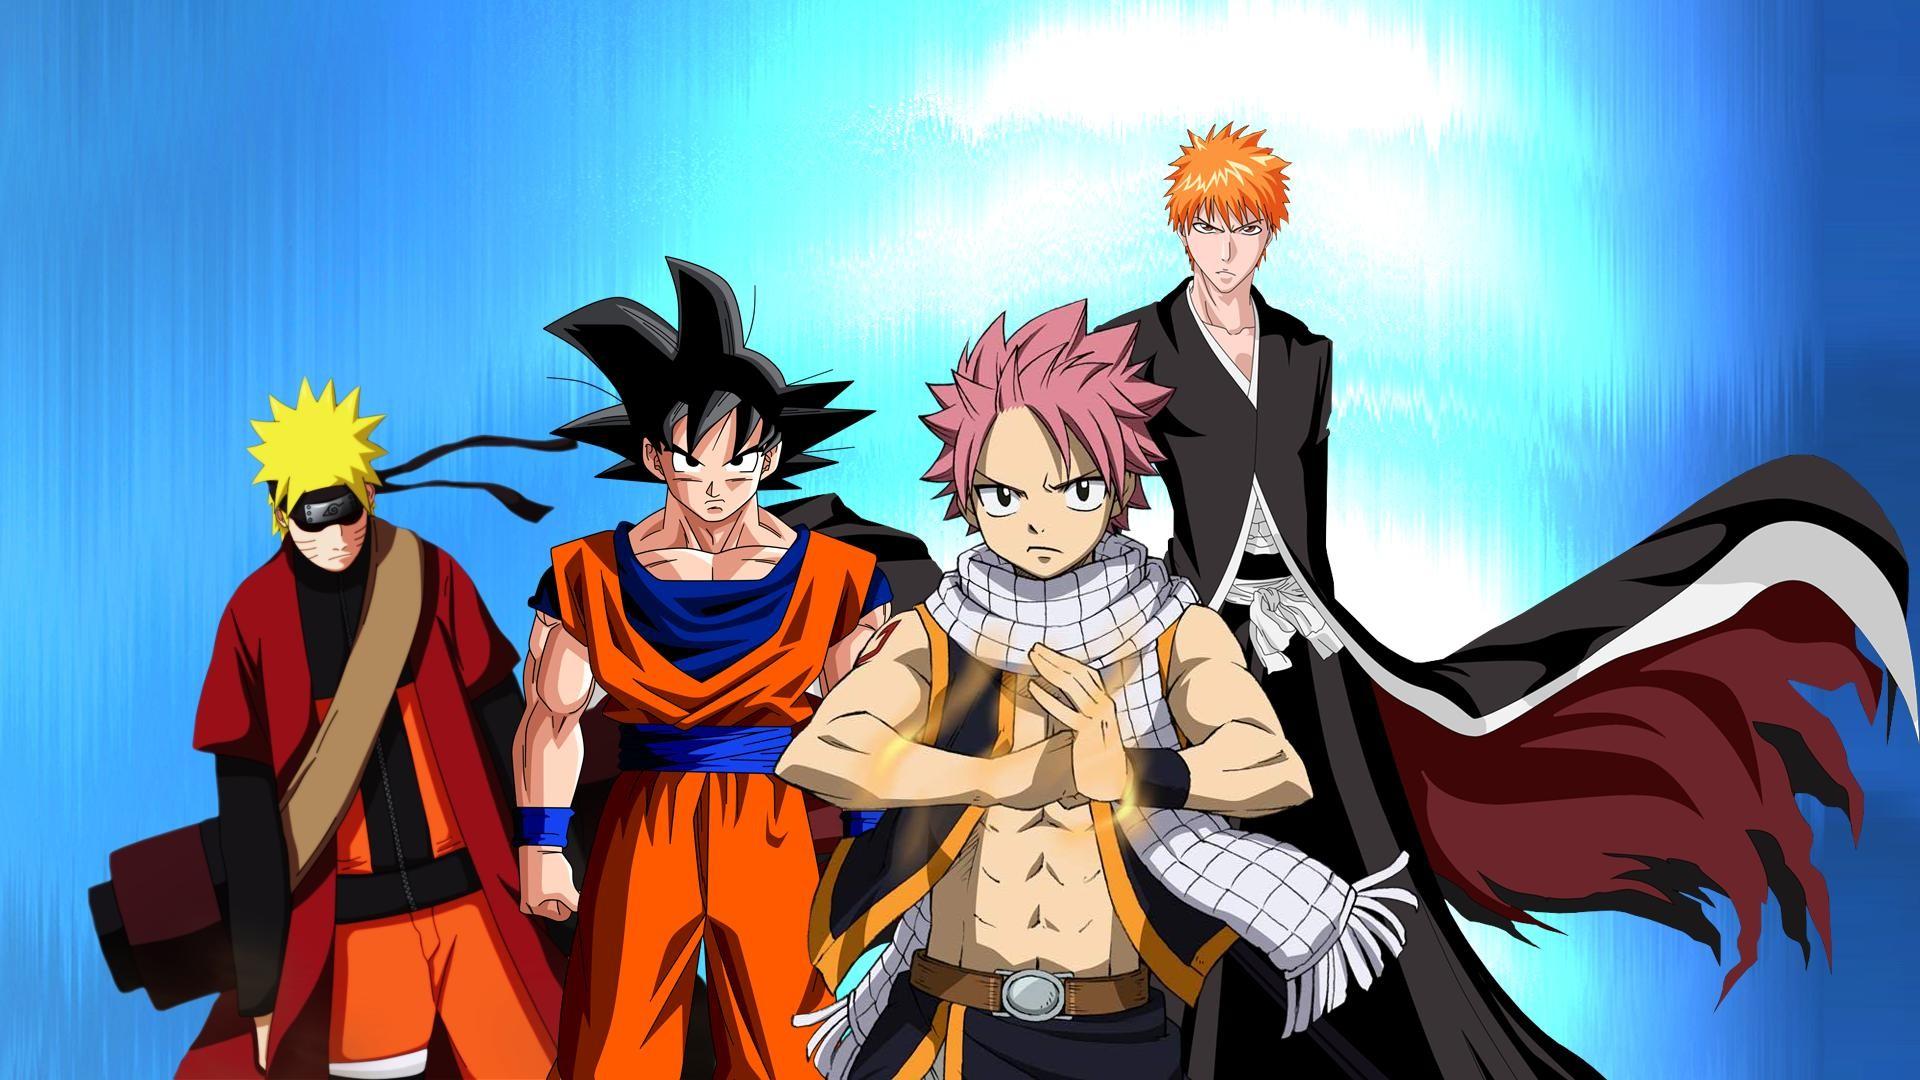 49 Naruto And Goku Wallpaper On Wallpapersafari